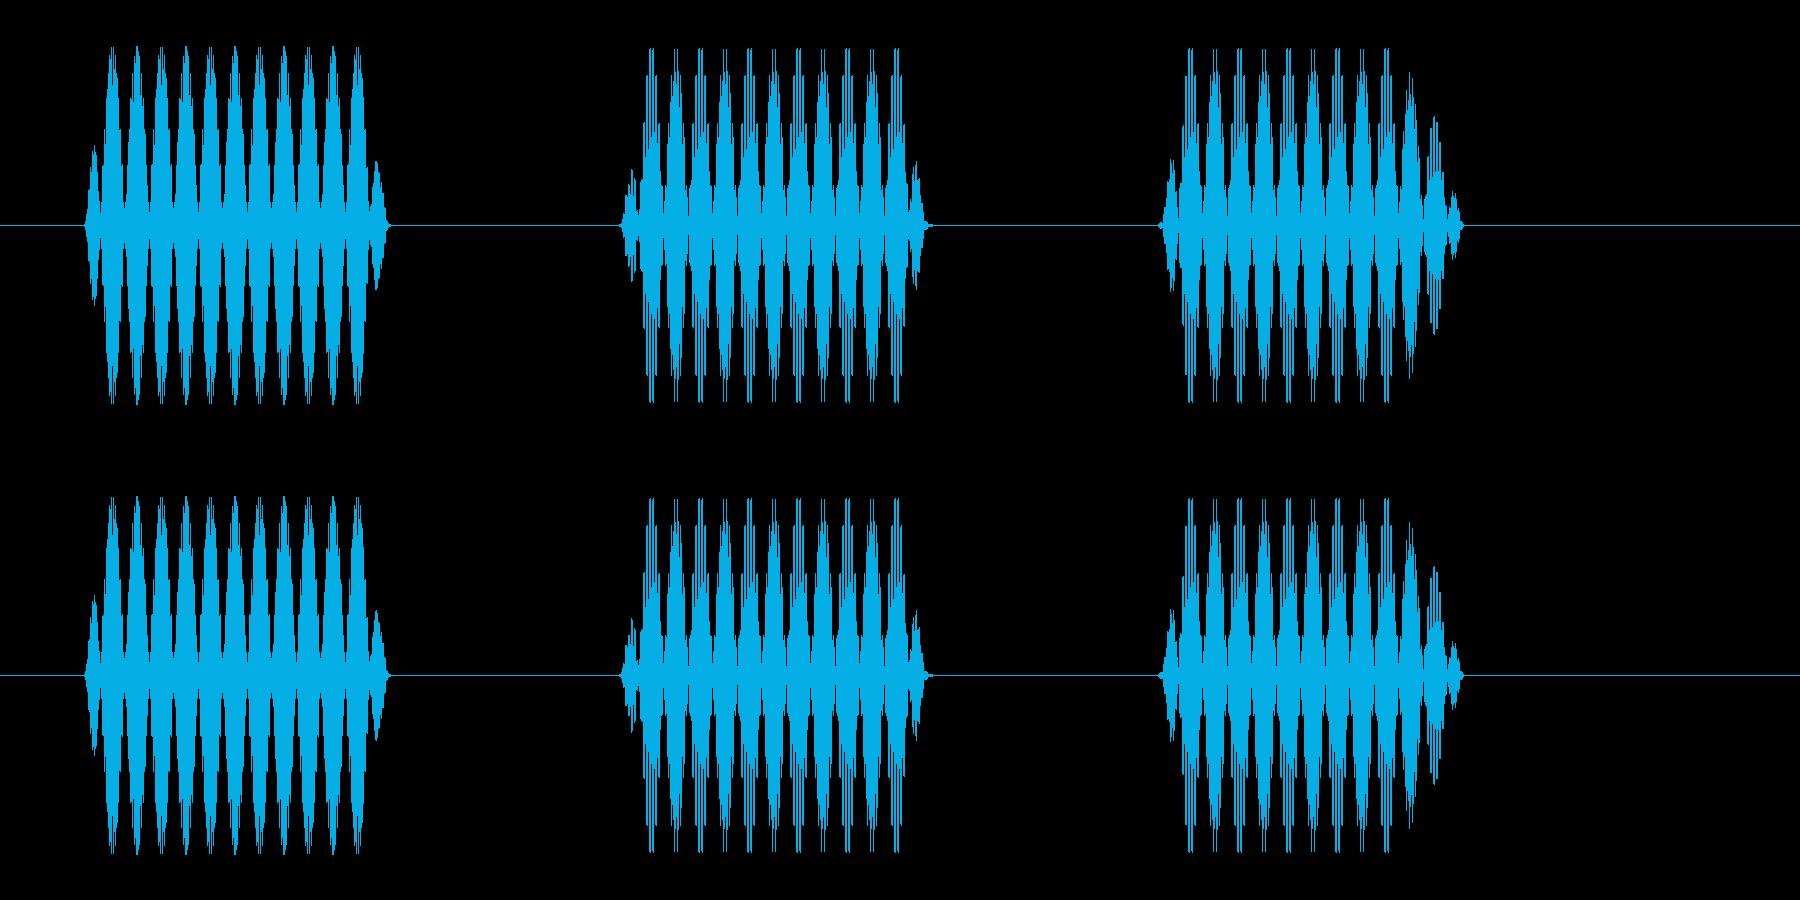 ピポポ(家電機器などの操作音)の再生済みの波形